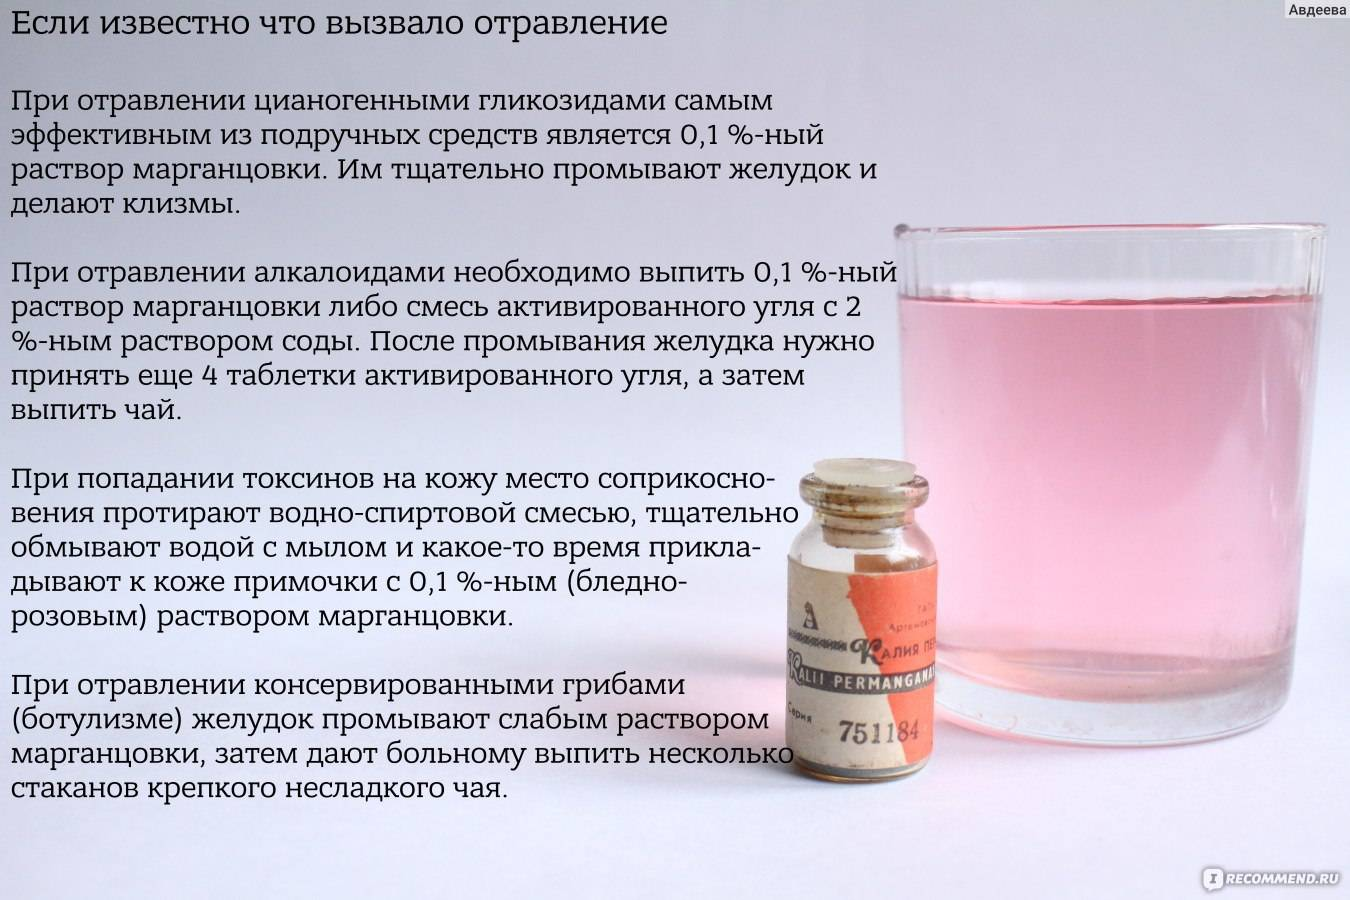 Марганцовка от прыщей. марганцовка при женских заболеваниях чего пьют раствор марганцовки